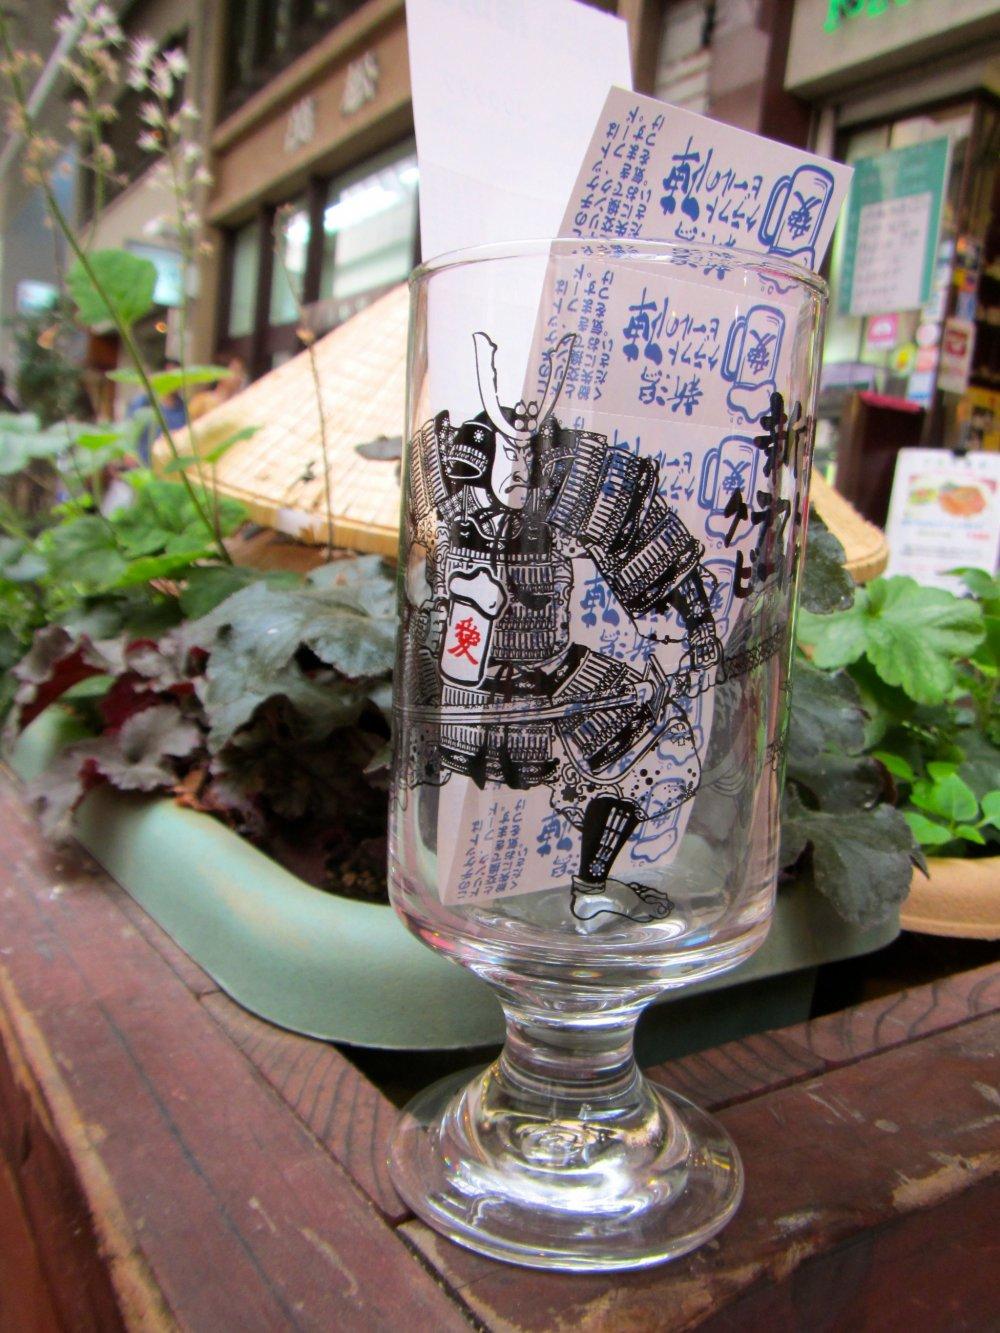 Le verre à bière souvenir et les douze tickets que l'on reçoit après avoir payé son entrée